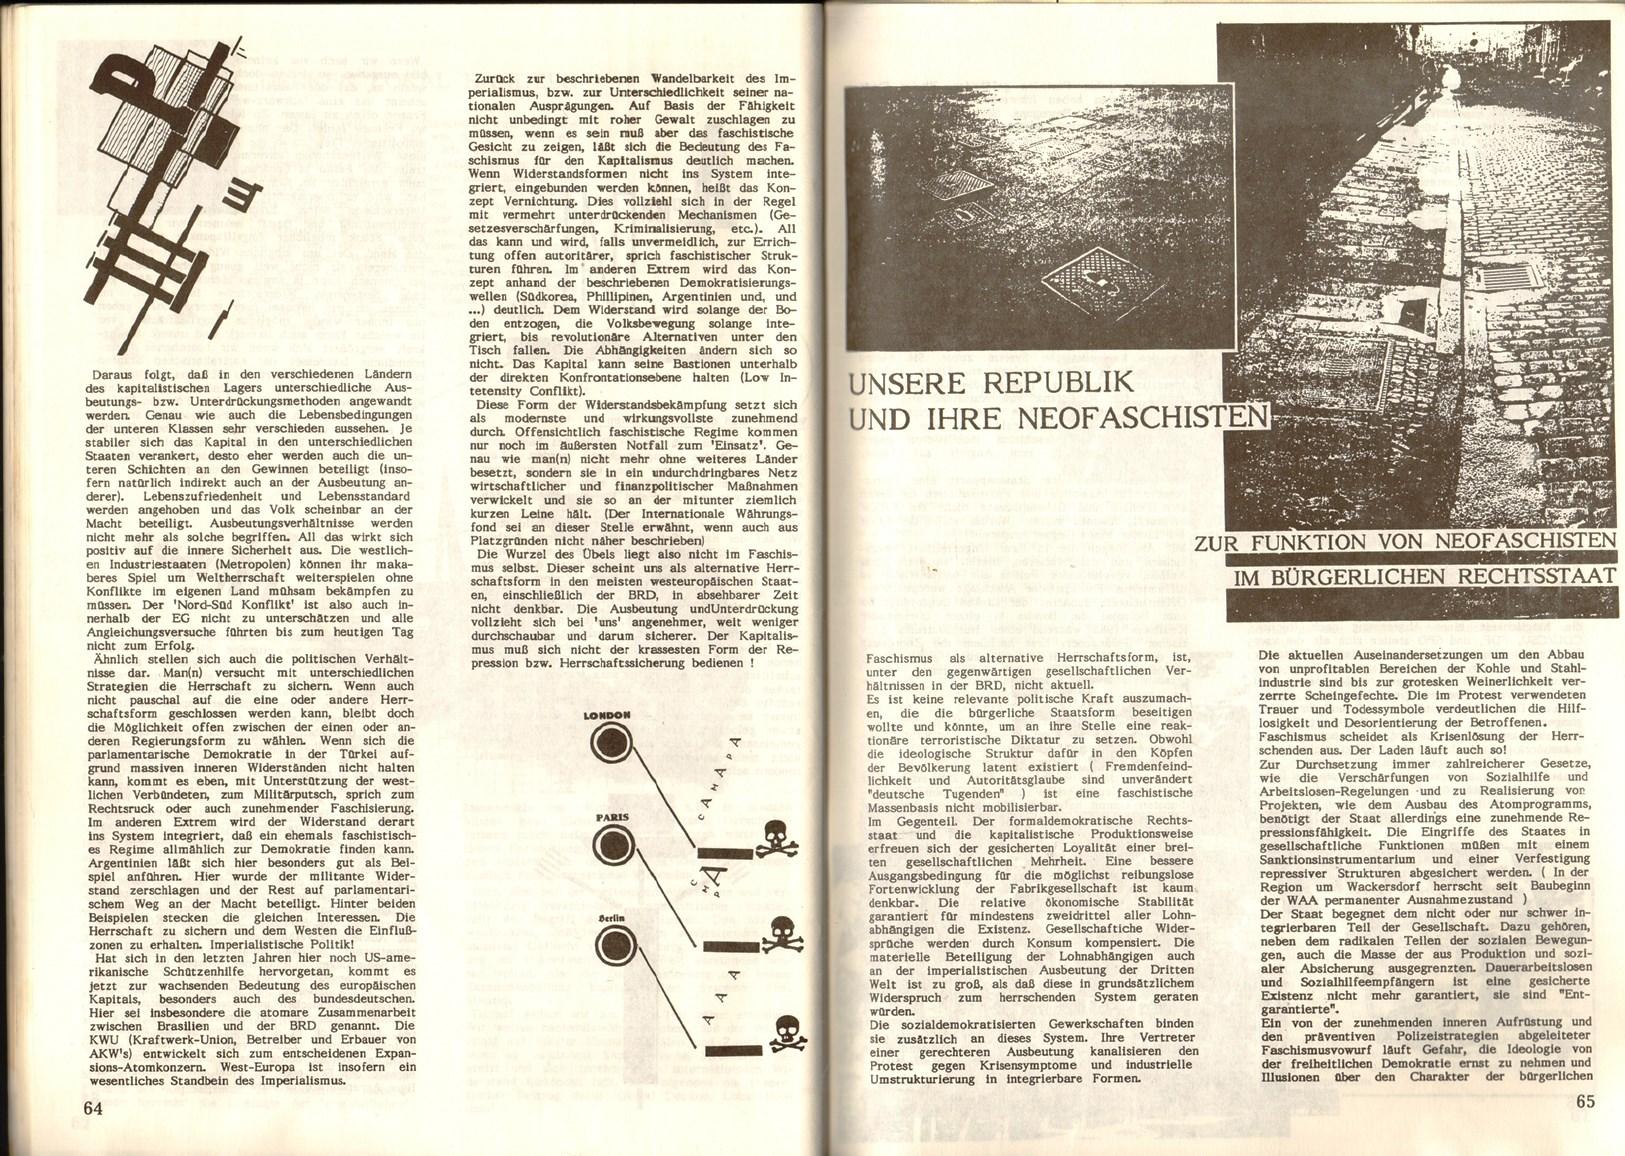 Gelsenkirchen_Zukunft_Vergangenheit_1988_33